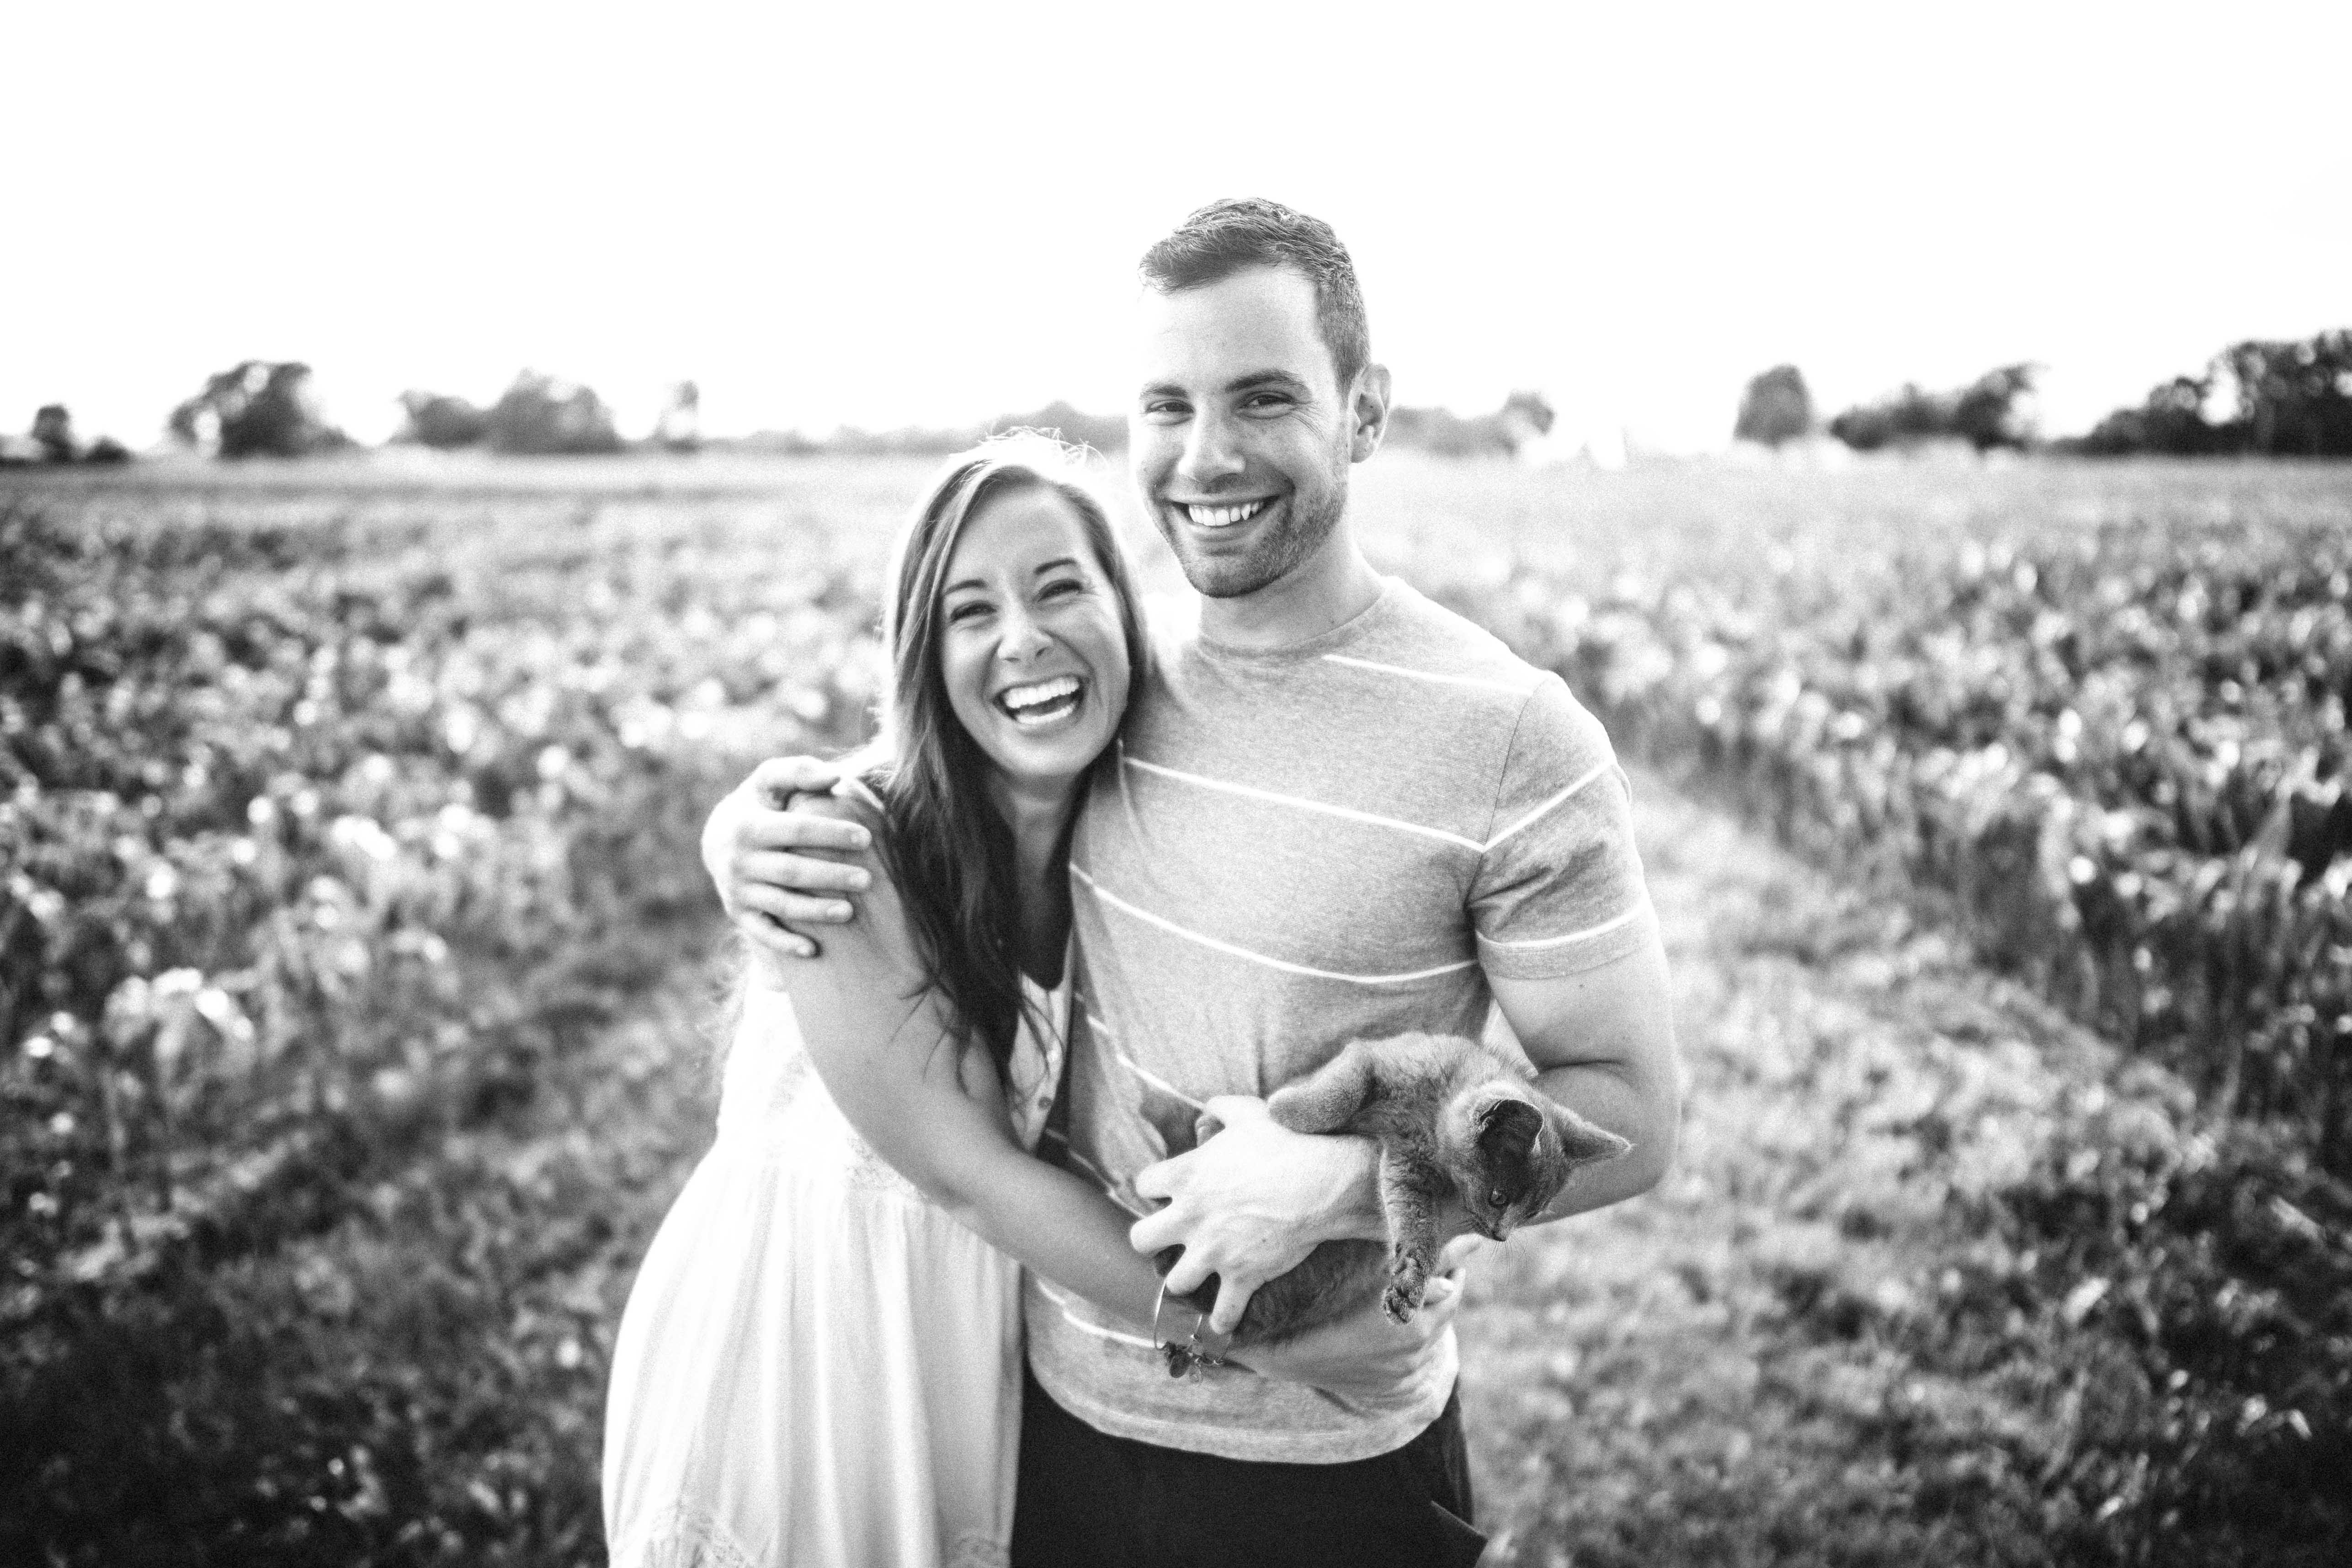 Especial Dia dos Namorados: 5 coisas sobre casamento que merecem destaque!